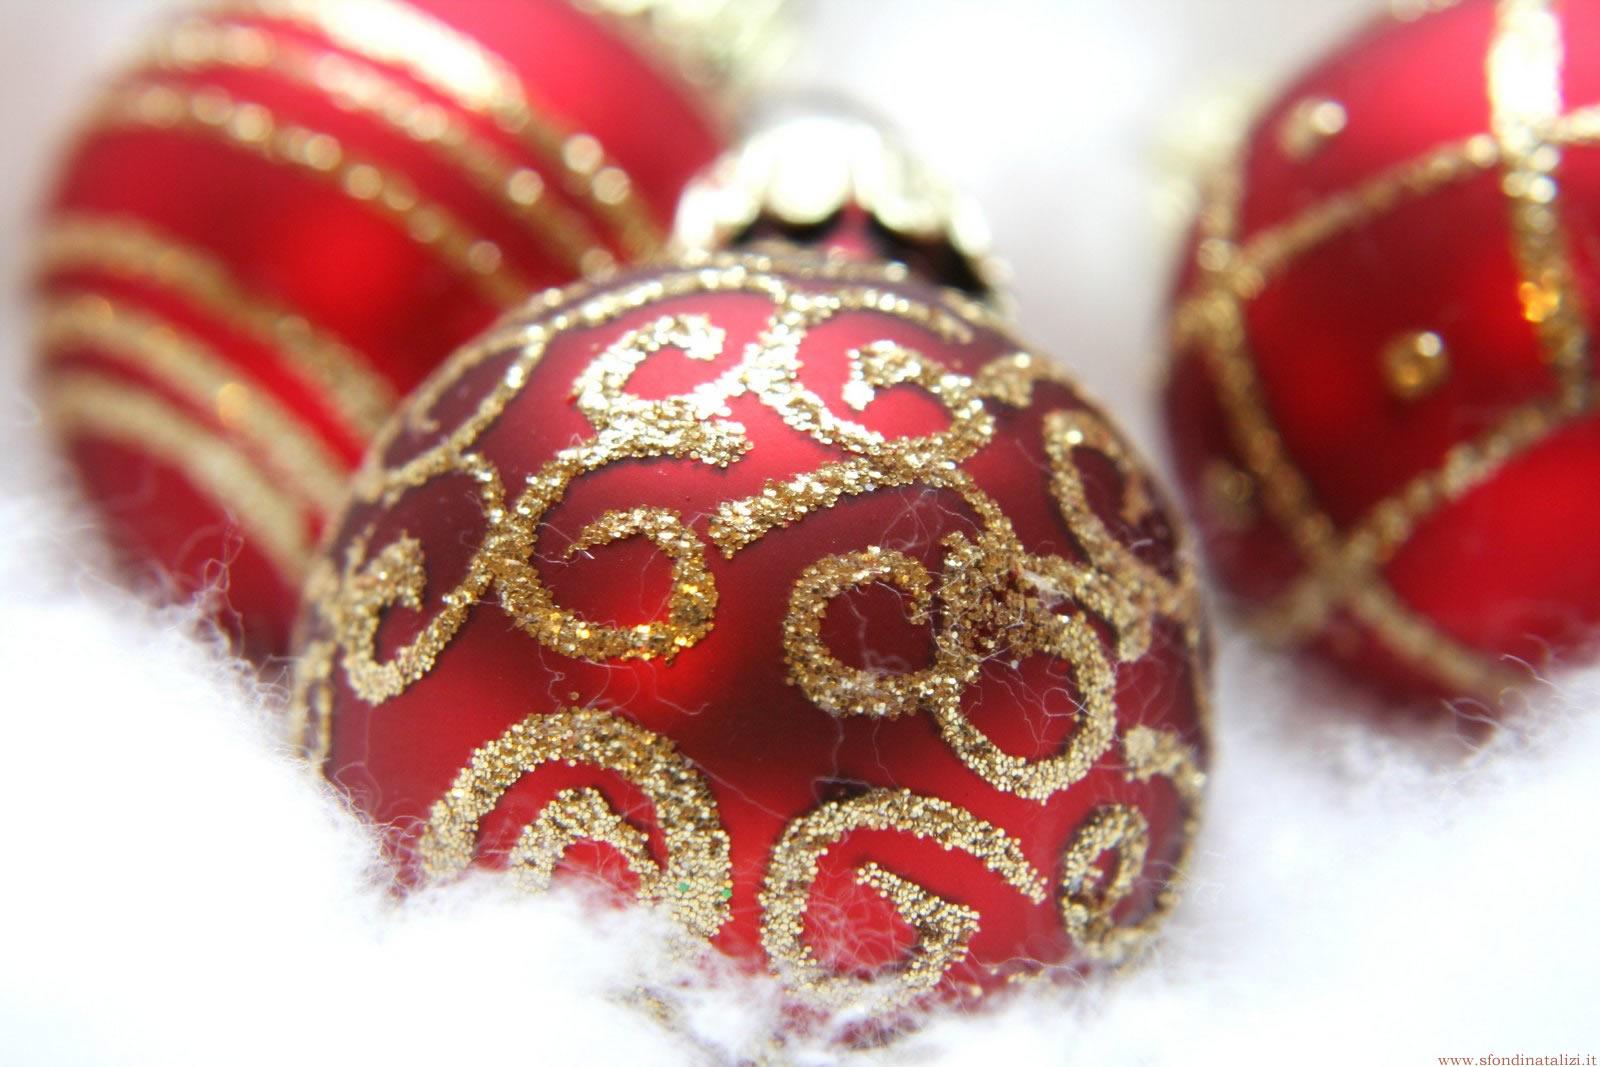 Sfondo Natalizio - Palline di Natale rosse